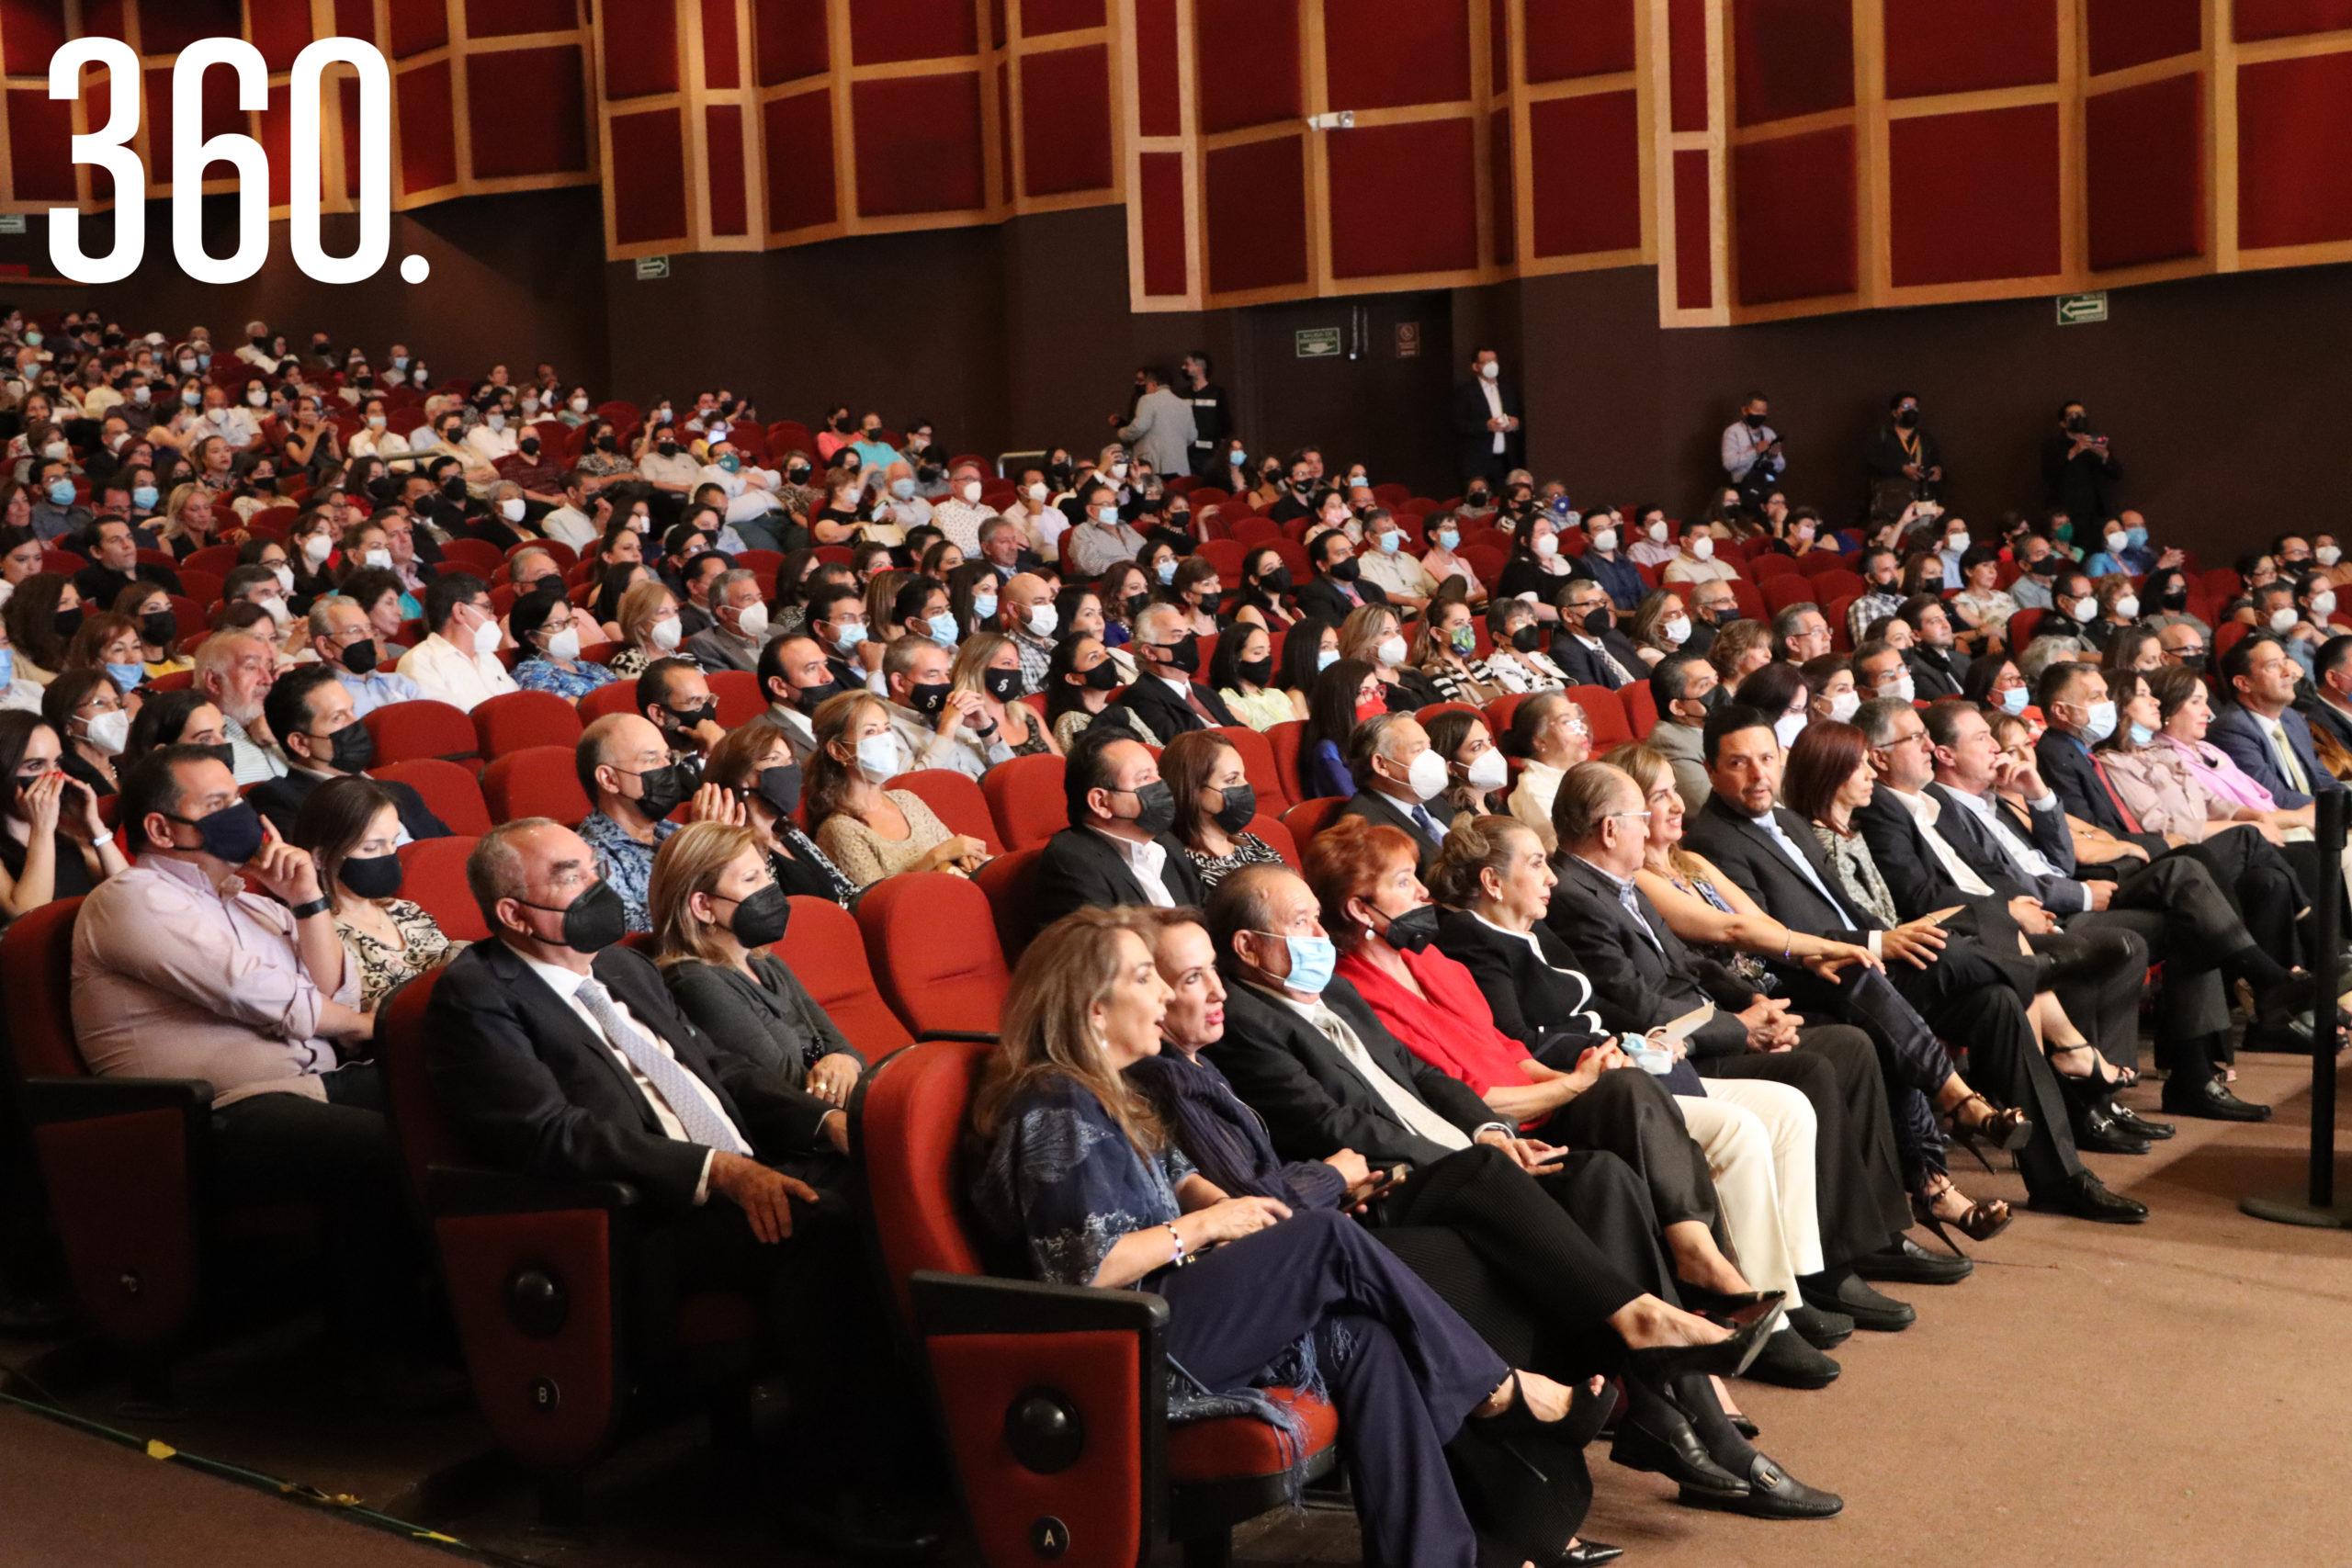 El público asistente disfrutó cada uno de los temas interpretados por la magistral voz de Fernando de la Mora.